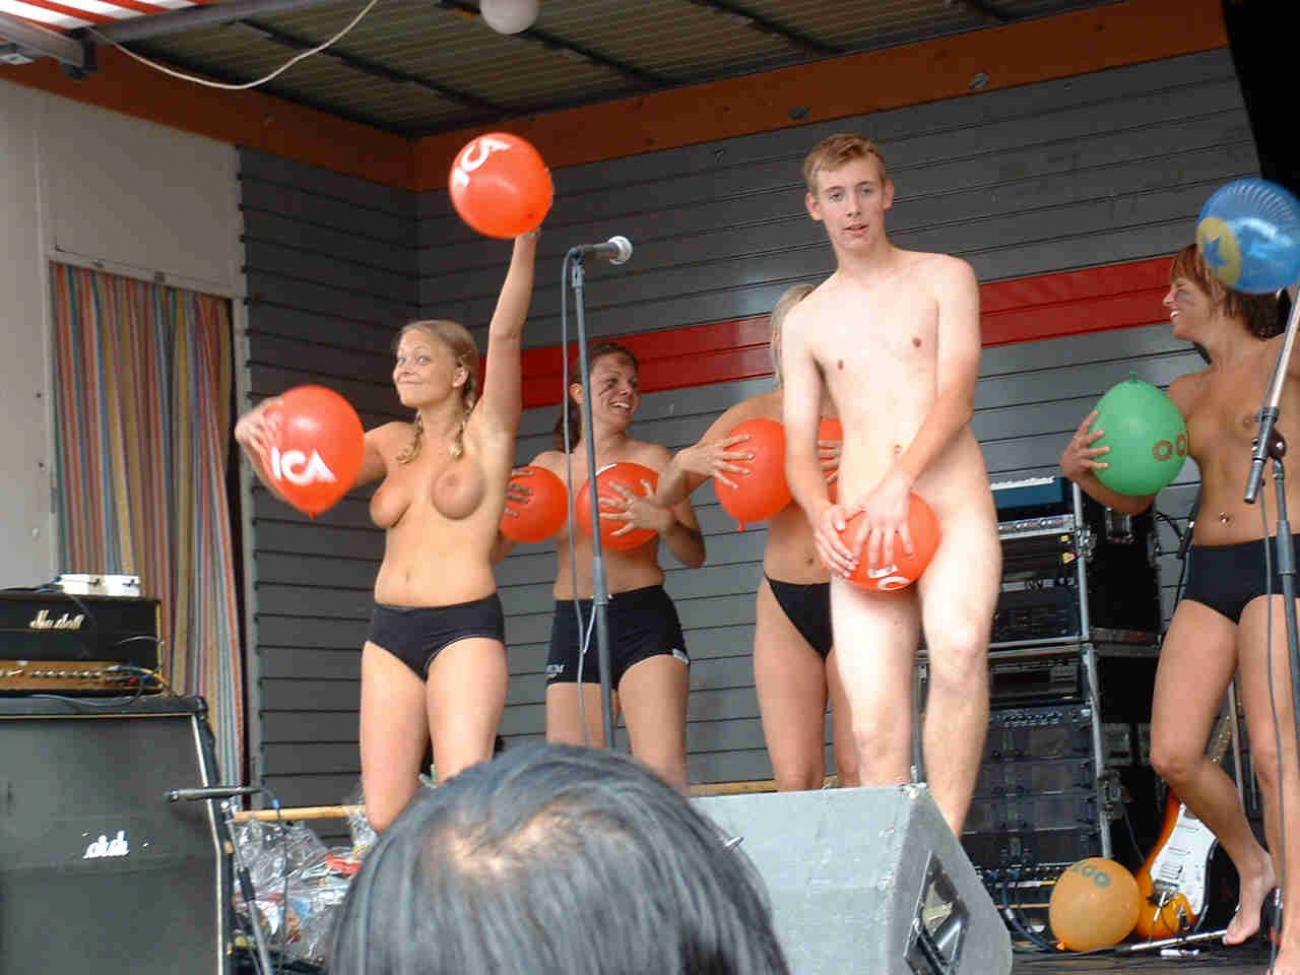 Студенческая вечеринка в америке секс 6 фотография